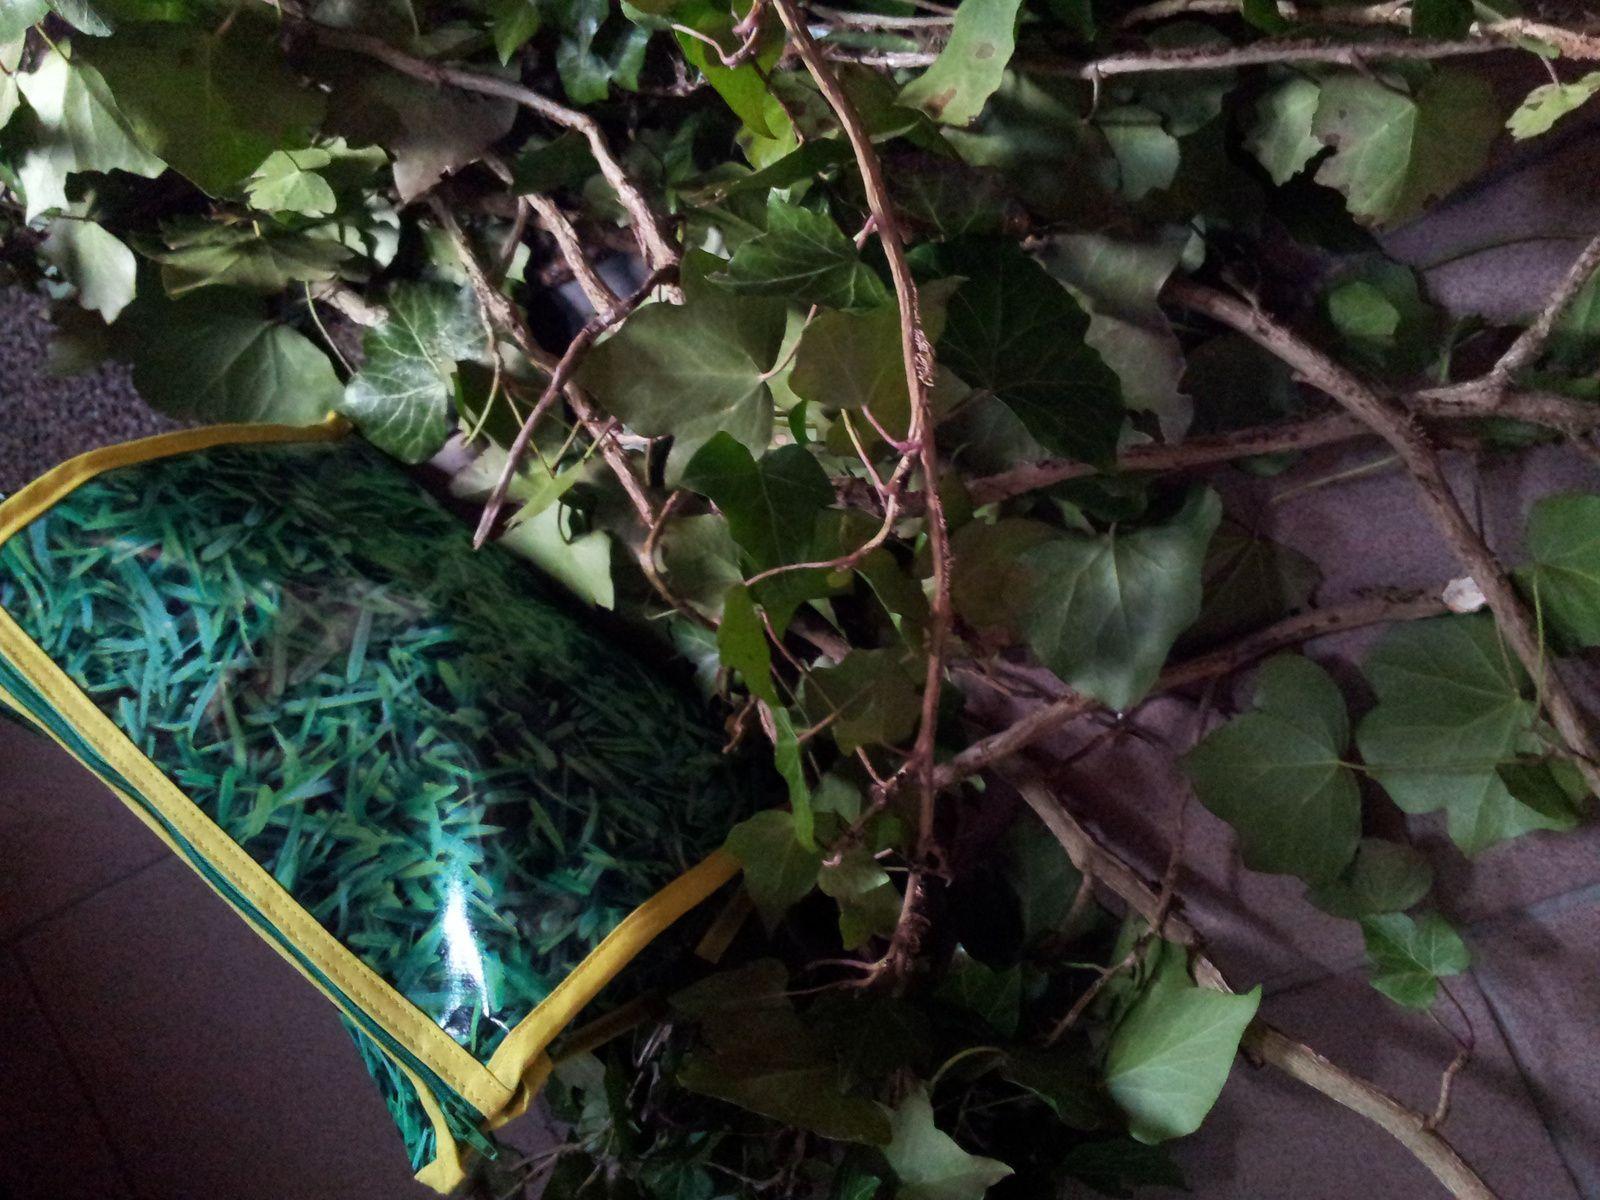 le végétal jusque dans la trousse à maquillage merci Télito!!! 26/01/2016